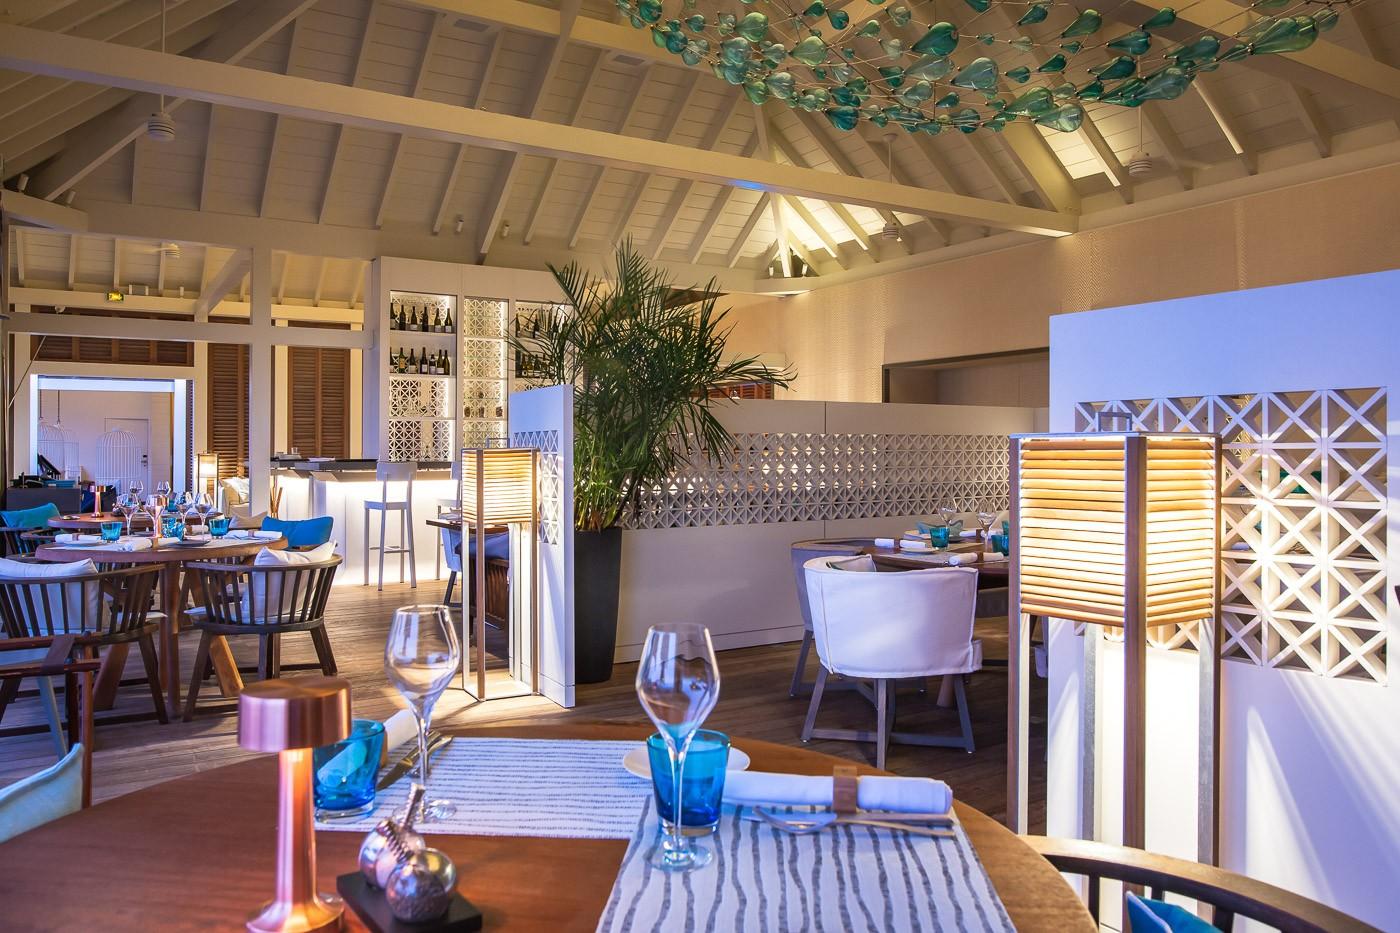 Le Barthelemy Hotel Spa Aux Amis15 Laurentbenoit